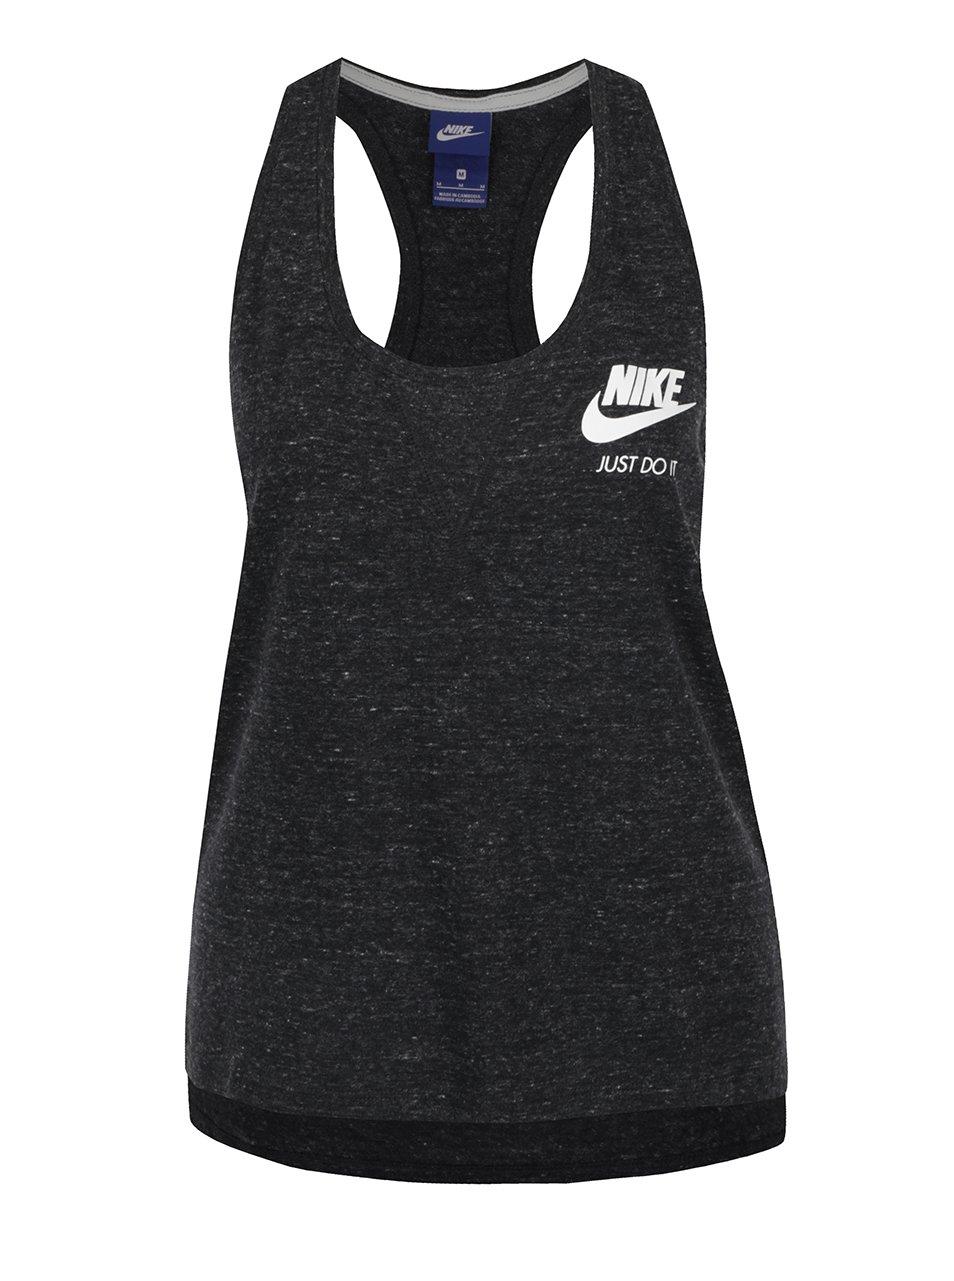 Černé dámské žíhané tílko Nike